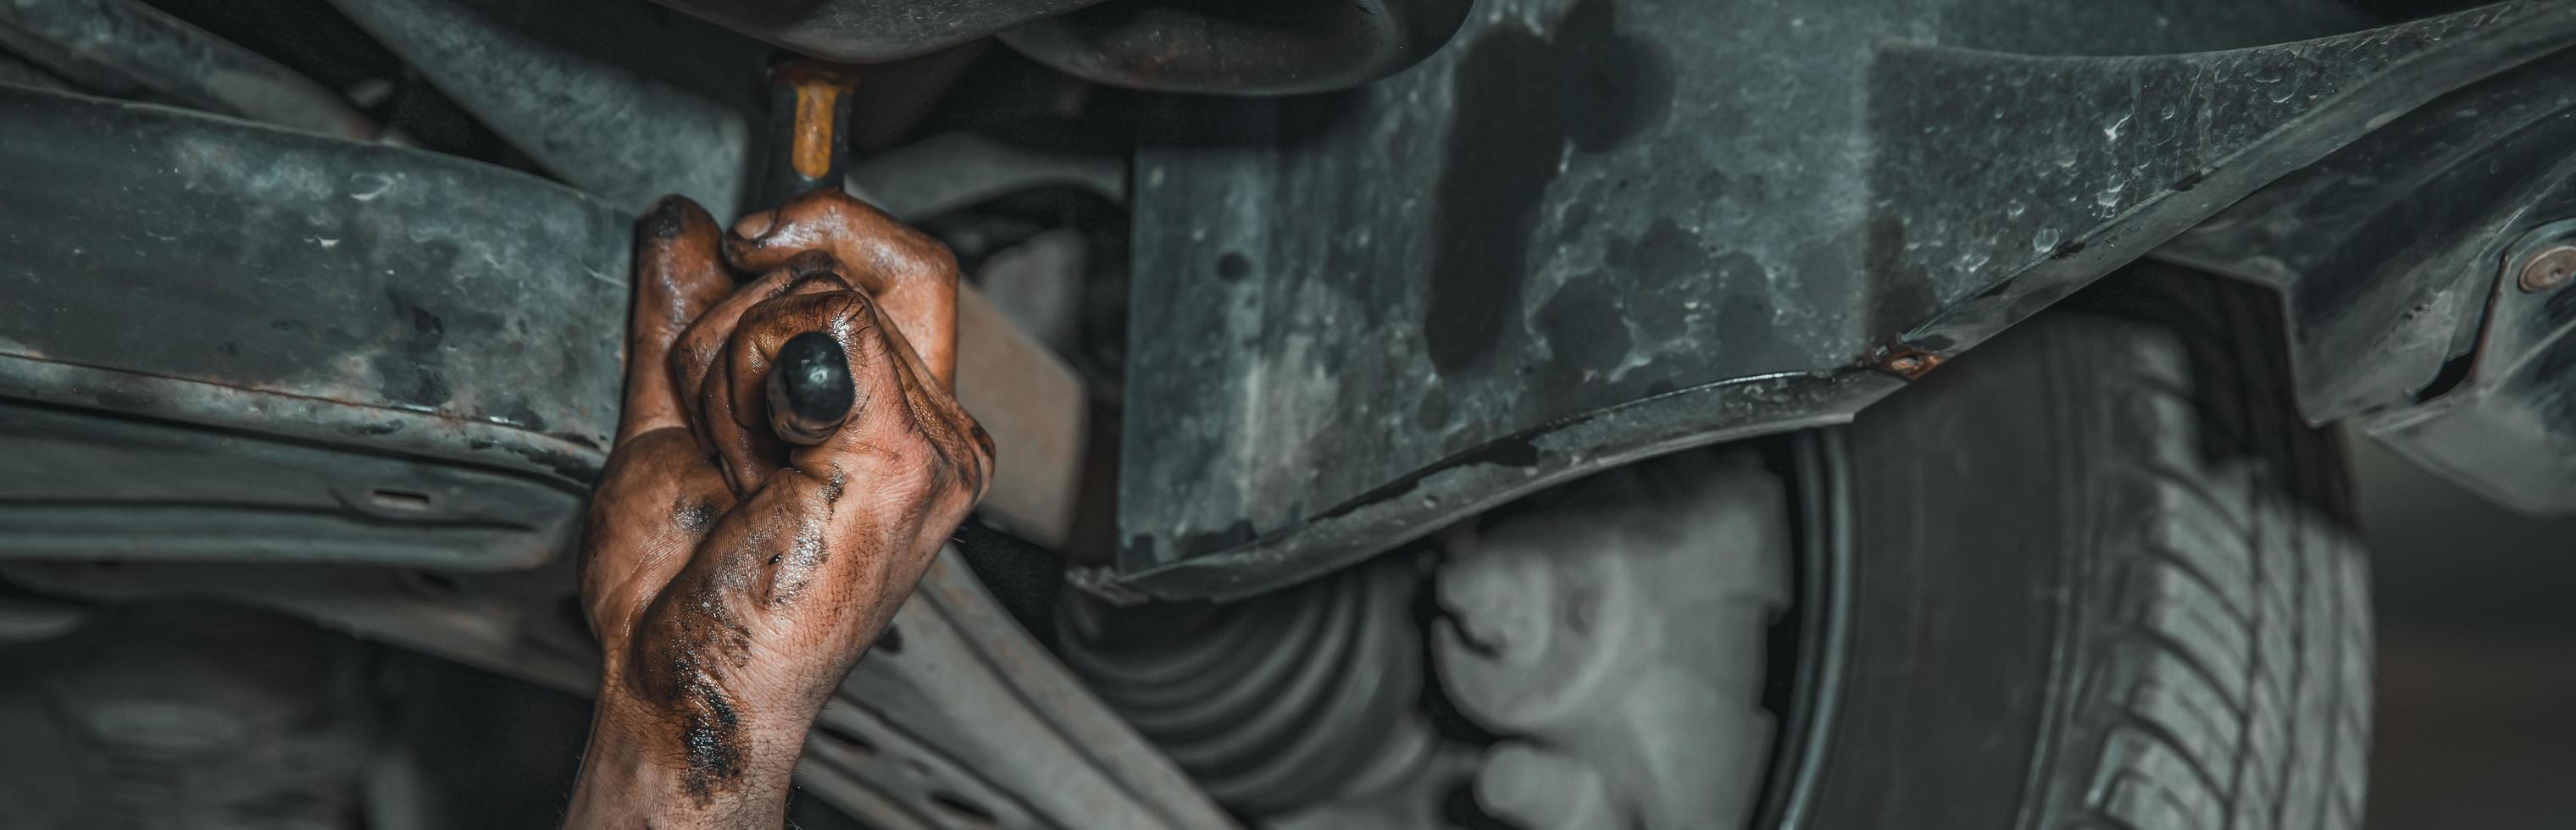 mão mecânica gordurosa atinge sob o capô foto